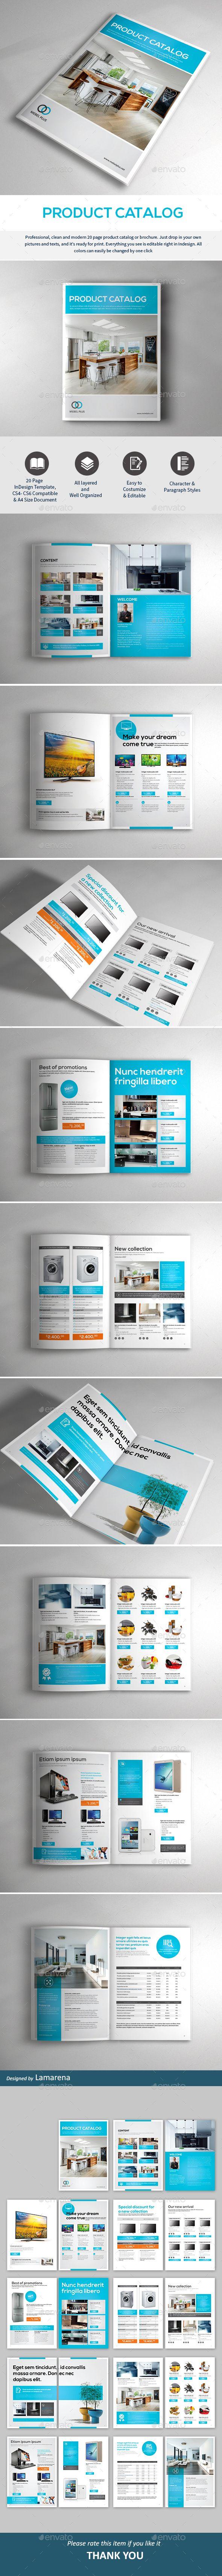 Product Catalog   Catálogo